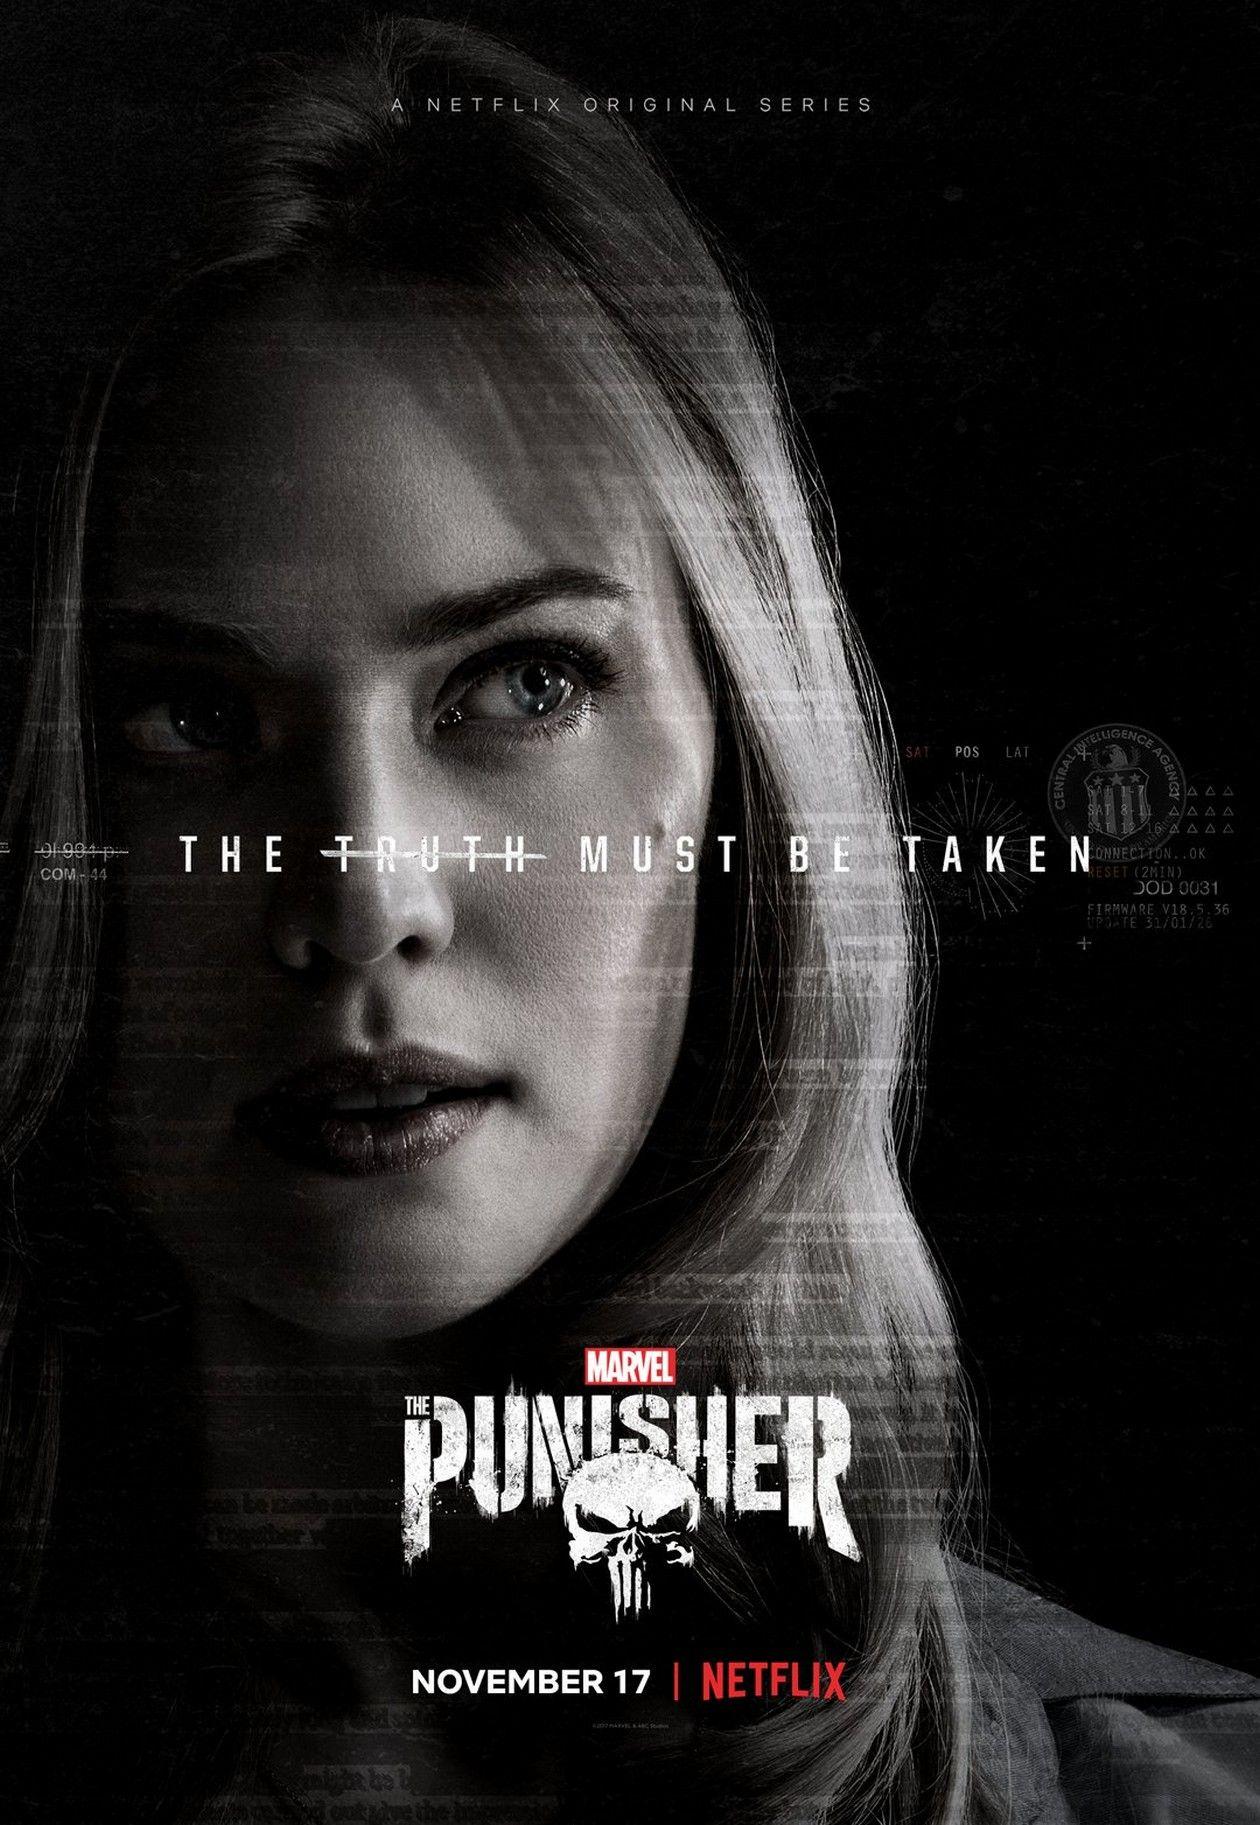 Deborah Ann Woll  The Punisher : Karen Page / Marvel NETFLIX Original Series 2017